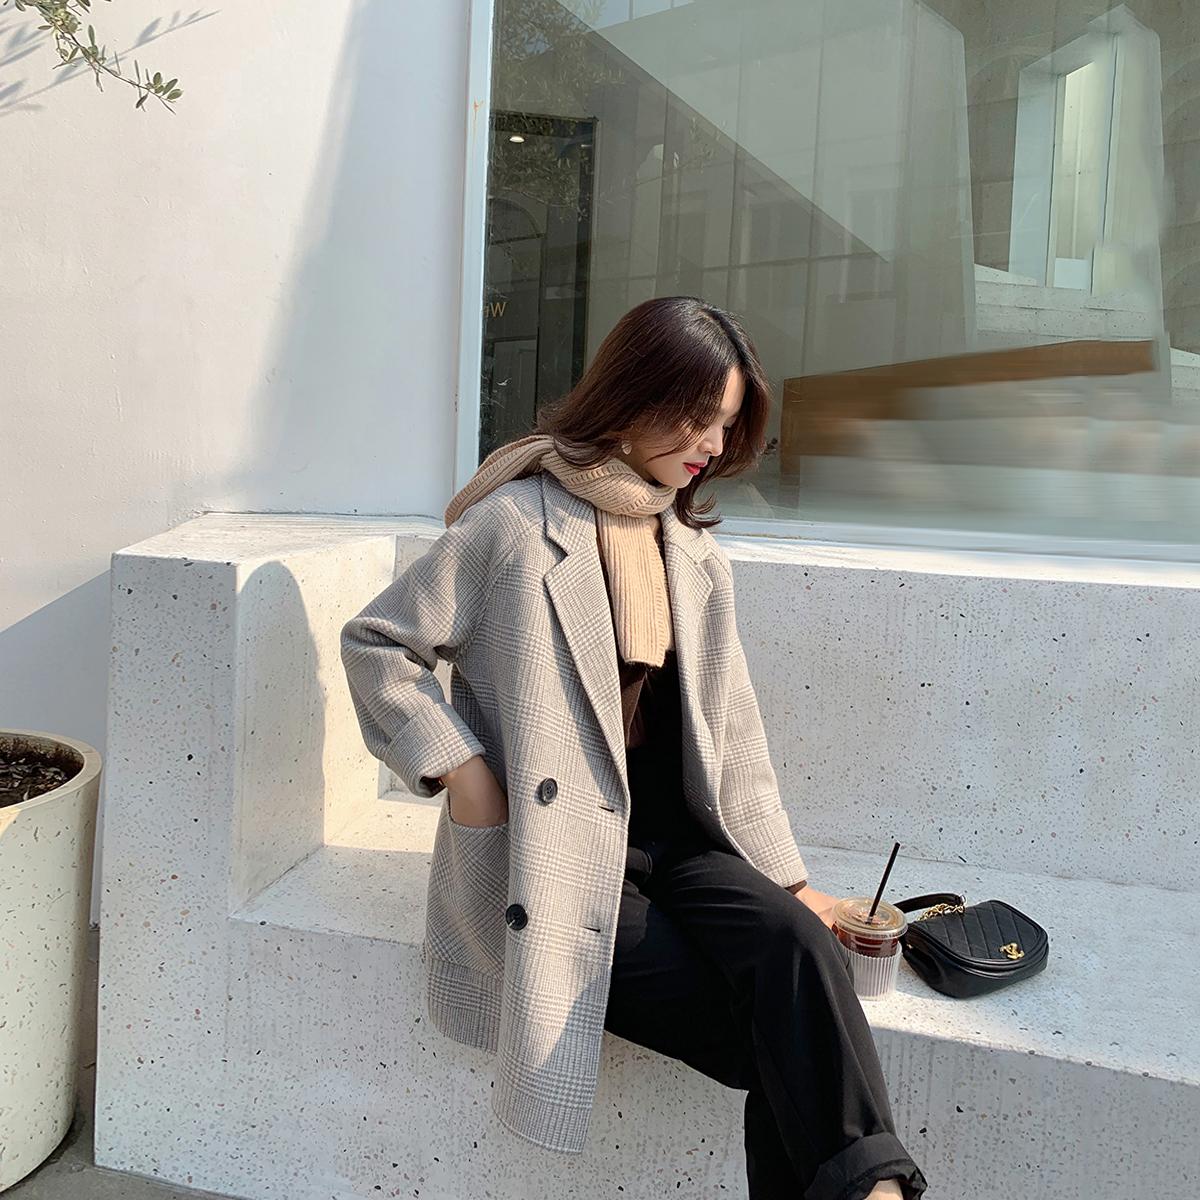 毛呢韩版外套 彬ge大表姐2020年秋冬新款格子毛呢外套女韩版小个子双面呢子大衣_推荐淘宝好看的女毛呢韩版外套